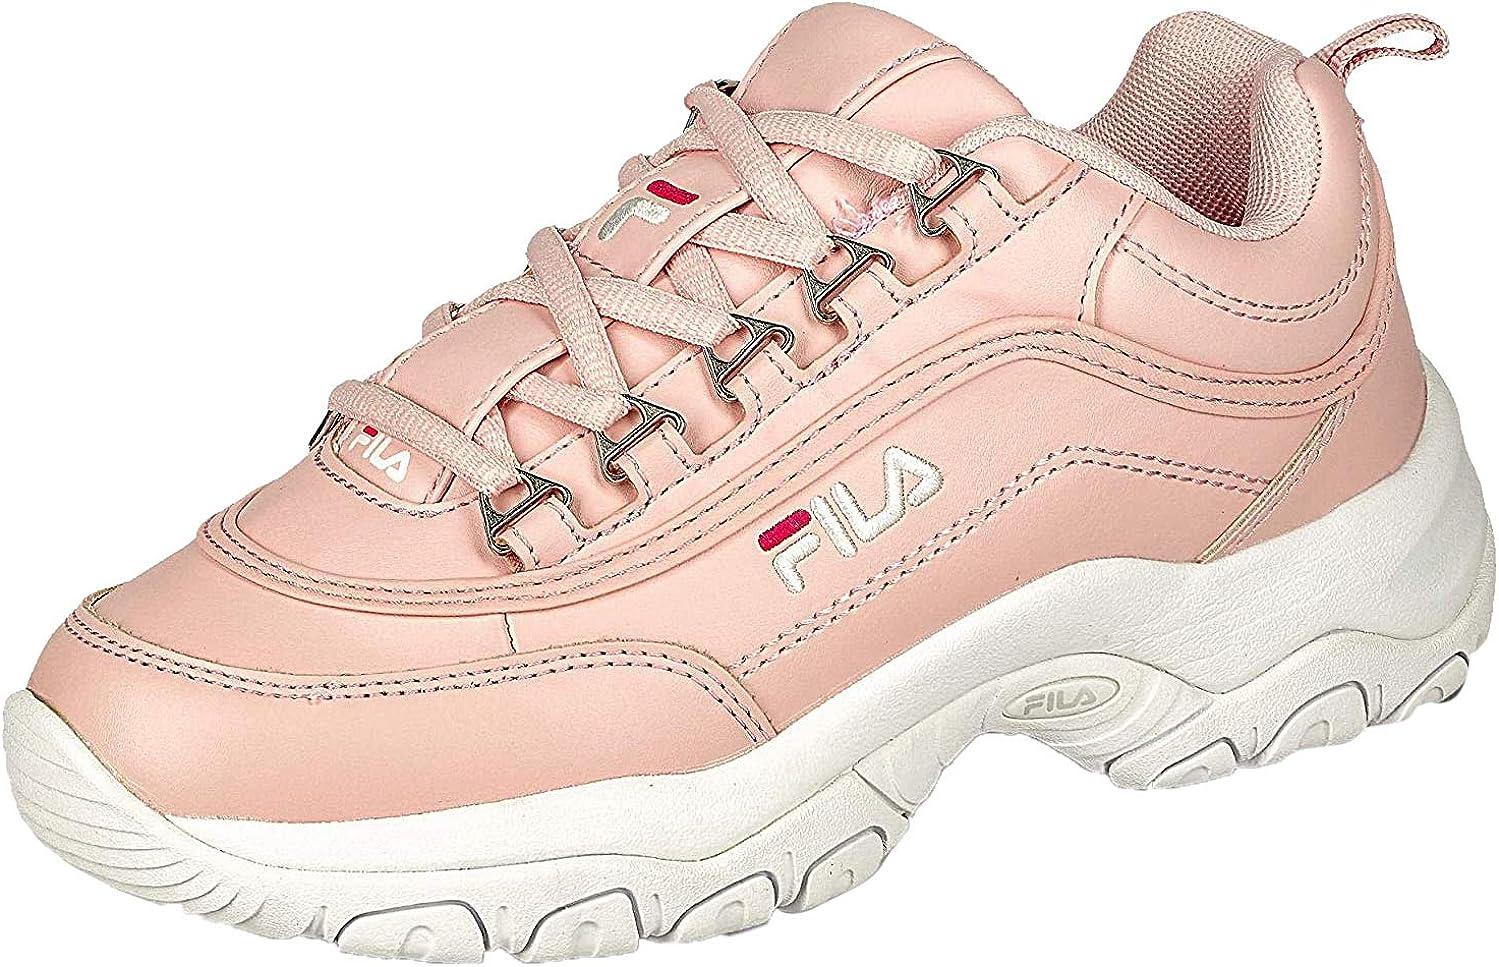 Fila Strada Low wmn, Zapatillas Altas para Mujer, Rosa Rosewater 71y, 36 EU: Amazon.es: Zapatos y complementos